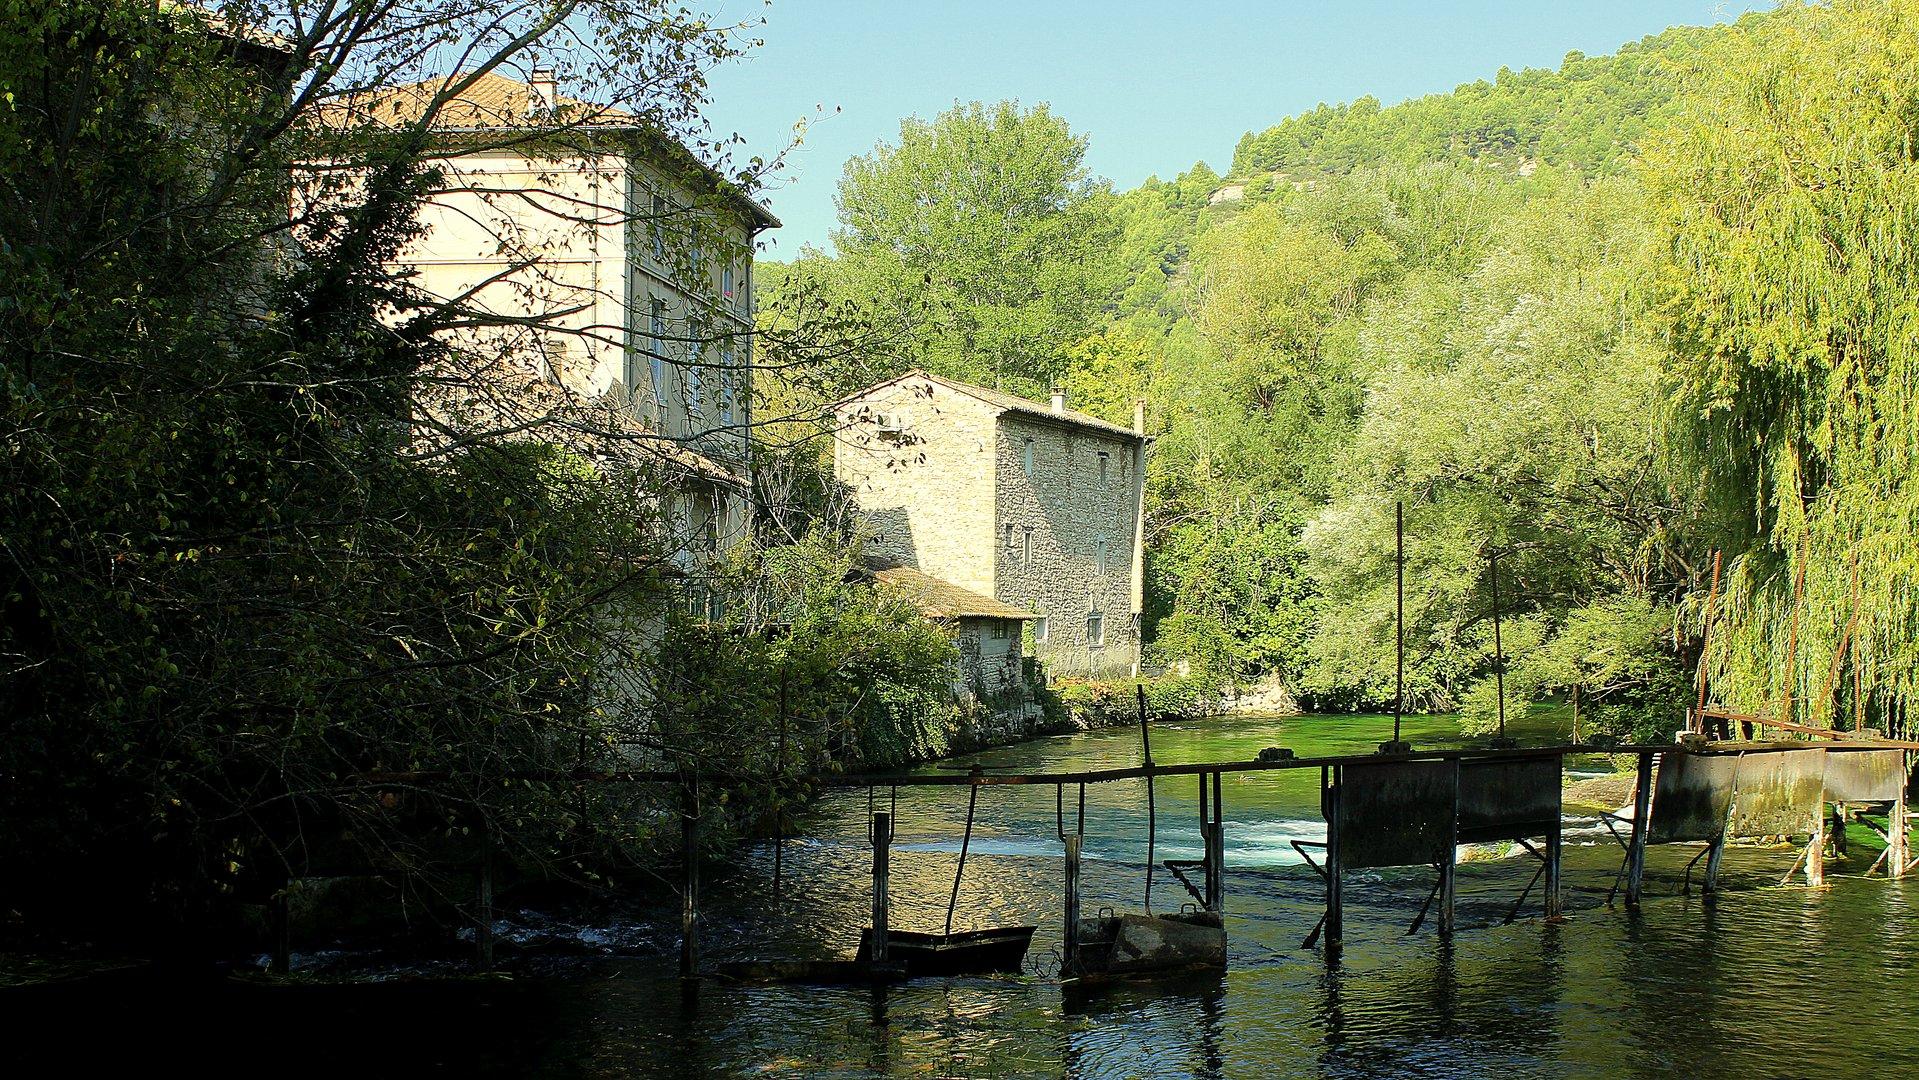 Fontaine de Vaucluse 4